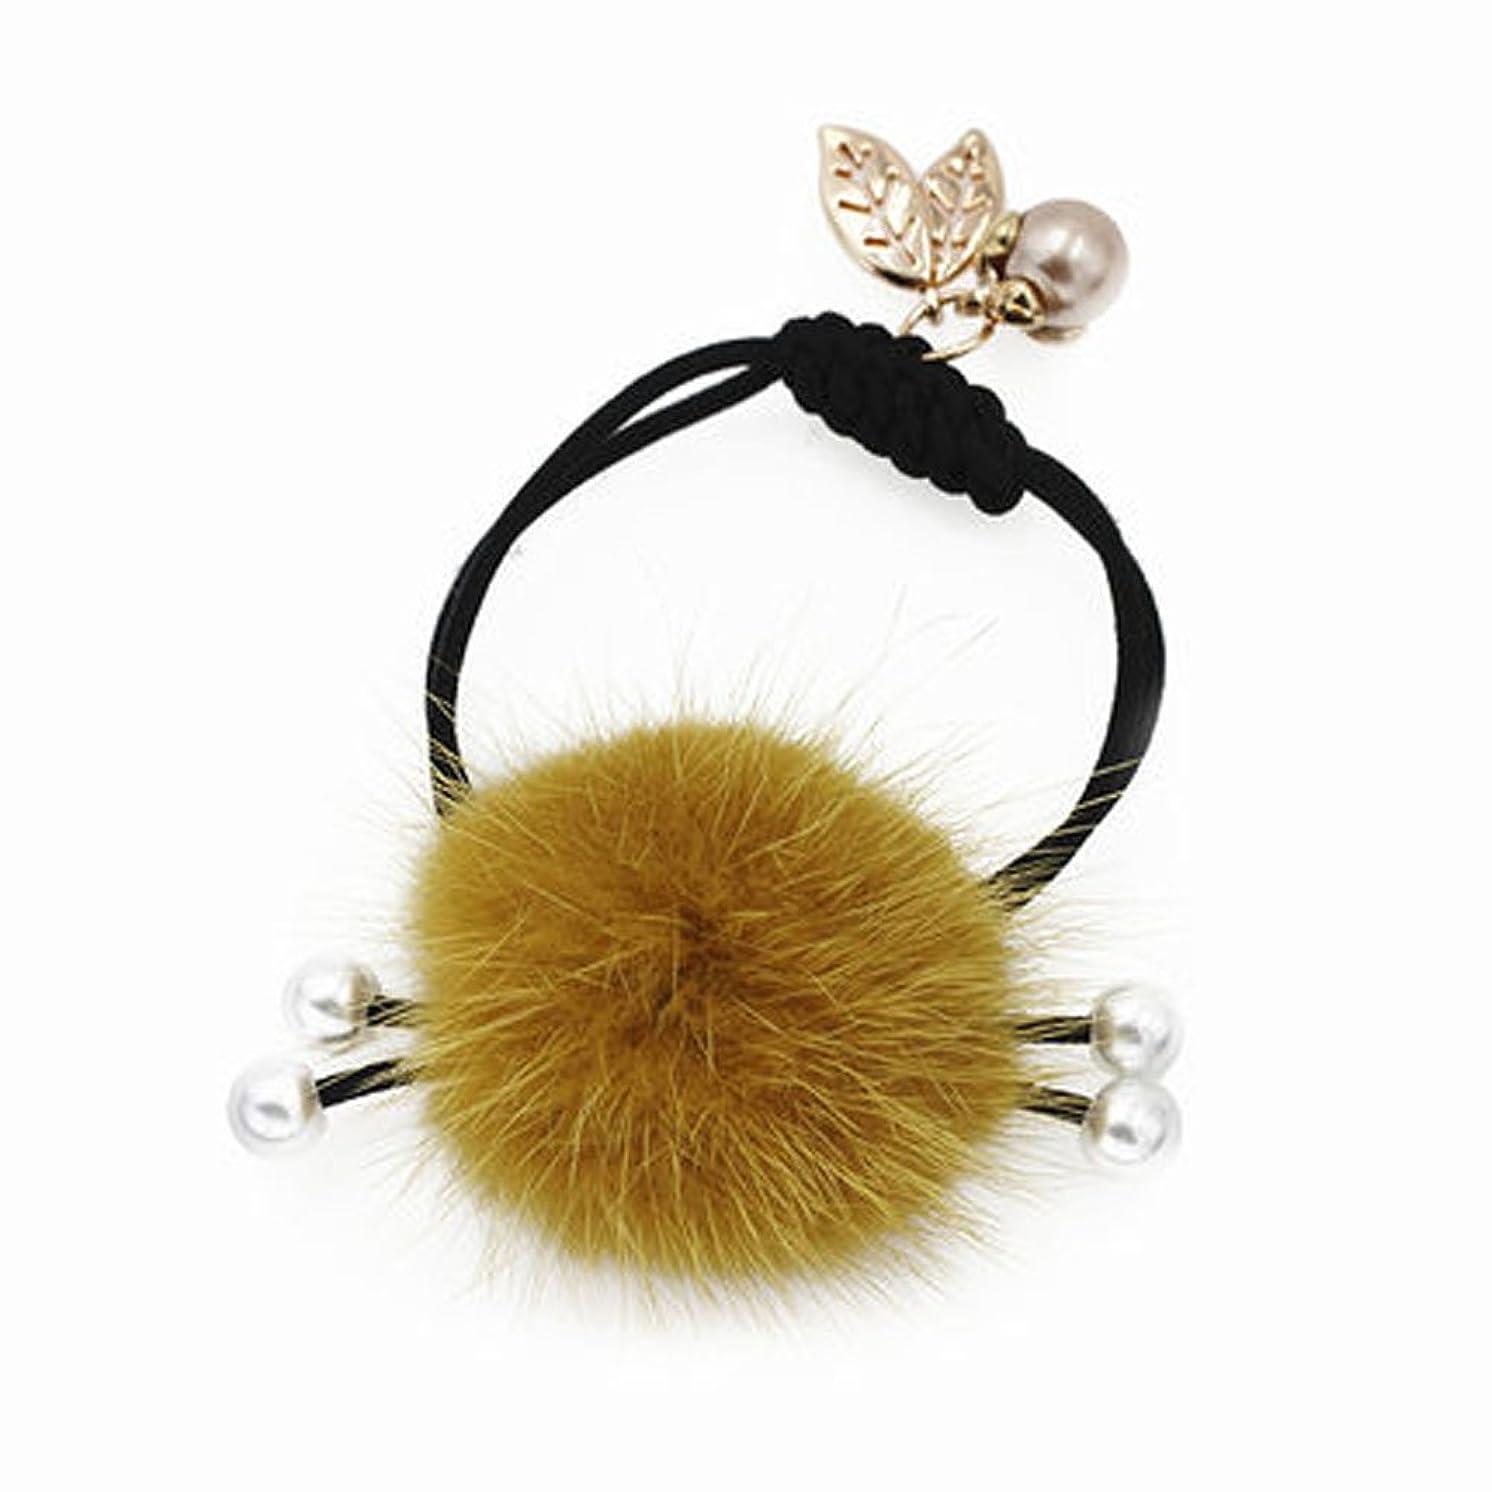 受信隔離する保持冬ラブリーふわふわのボールヘア結束ヘアバンドラバーヘアアクセサリー - イエロー